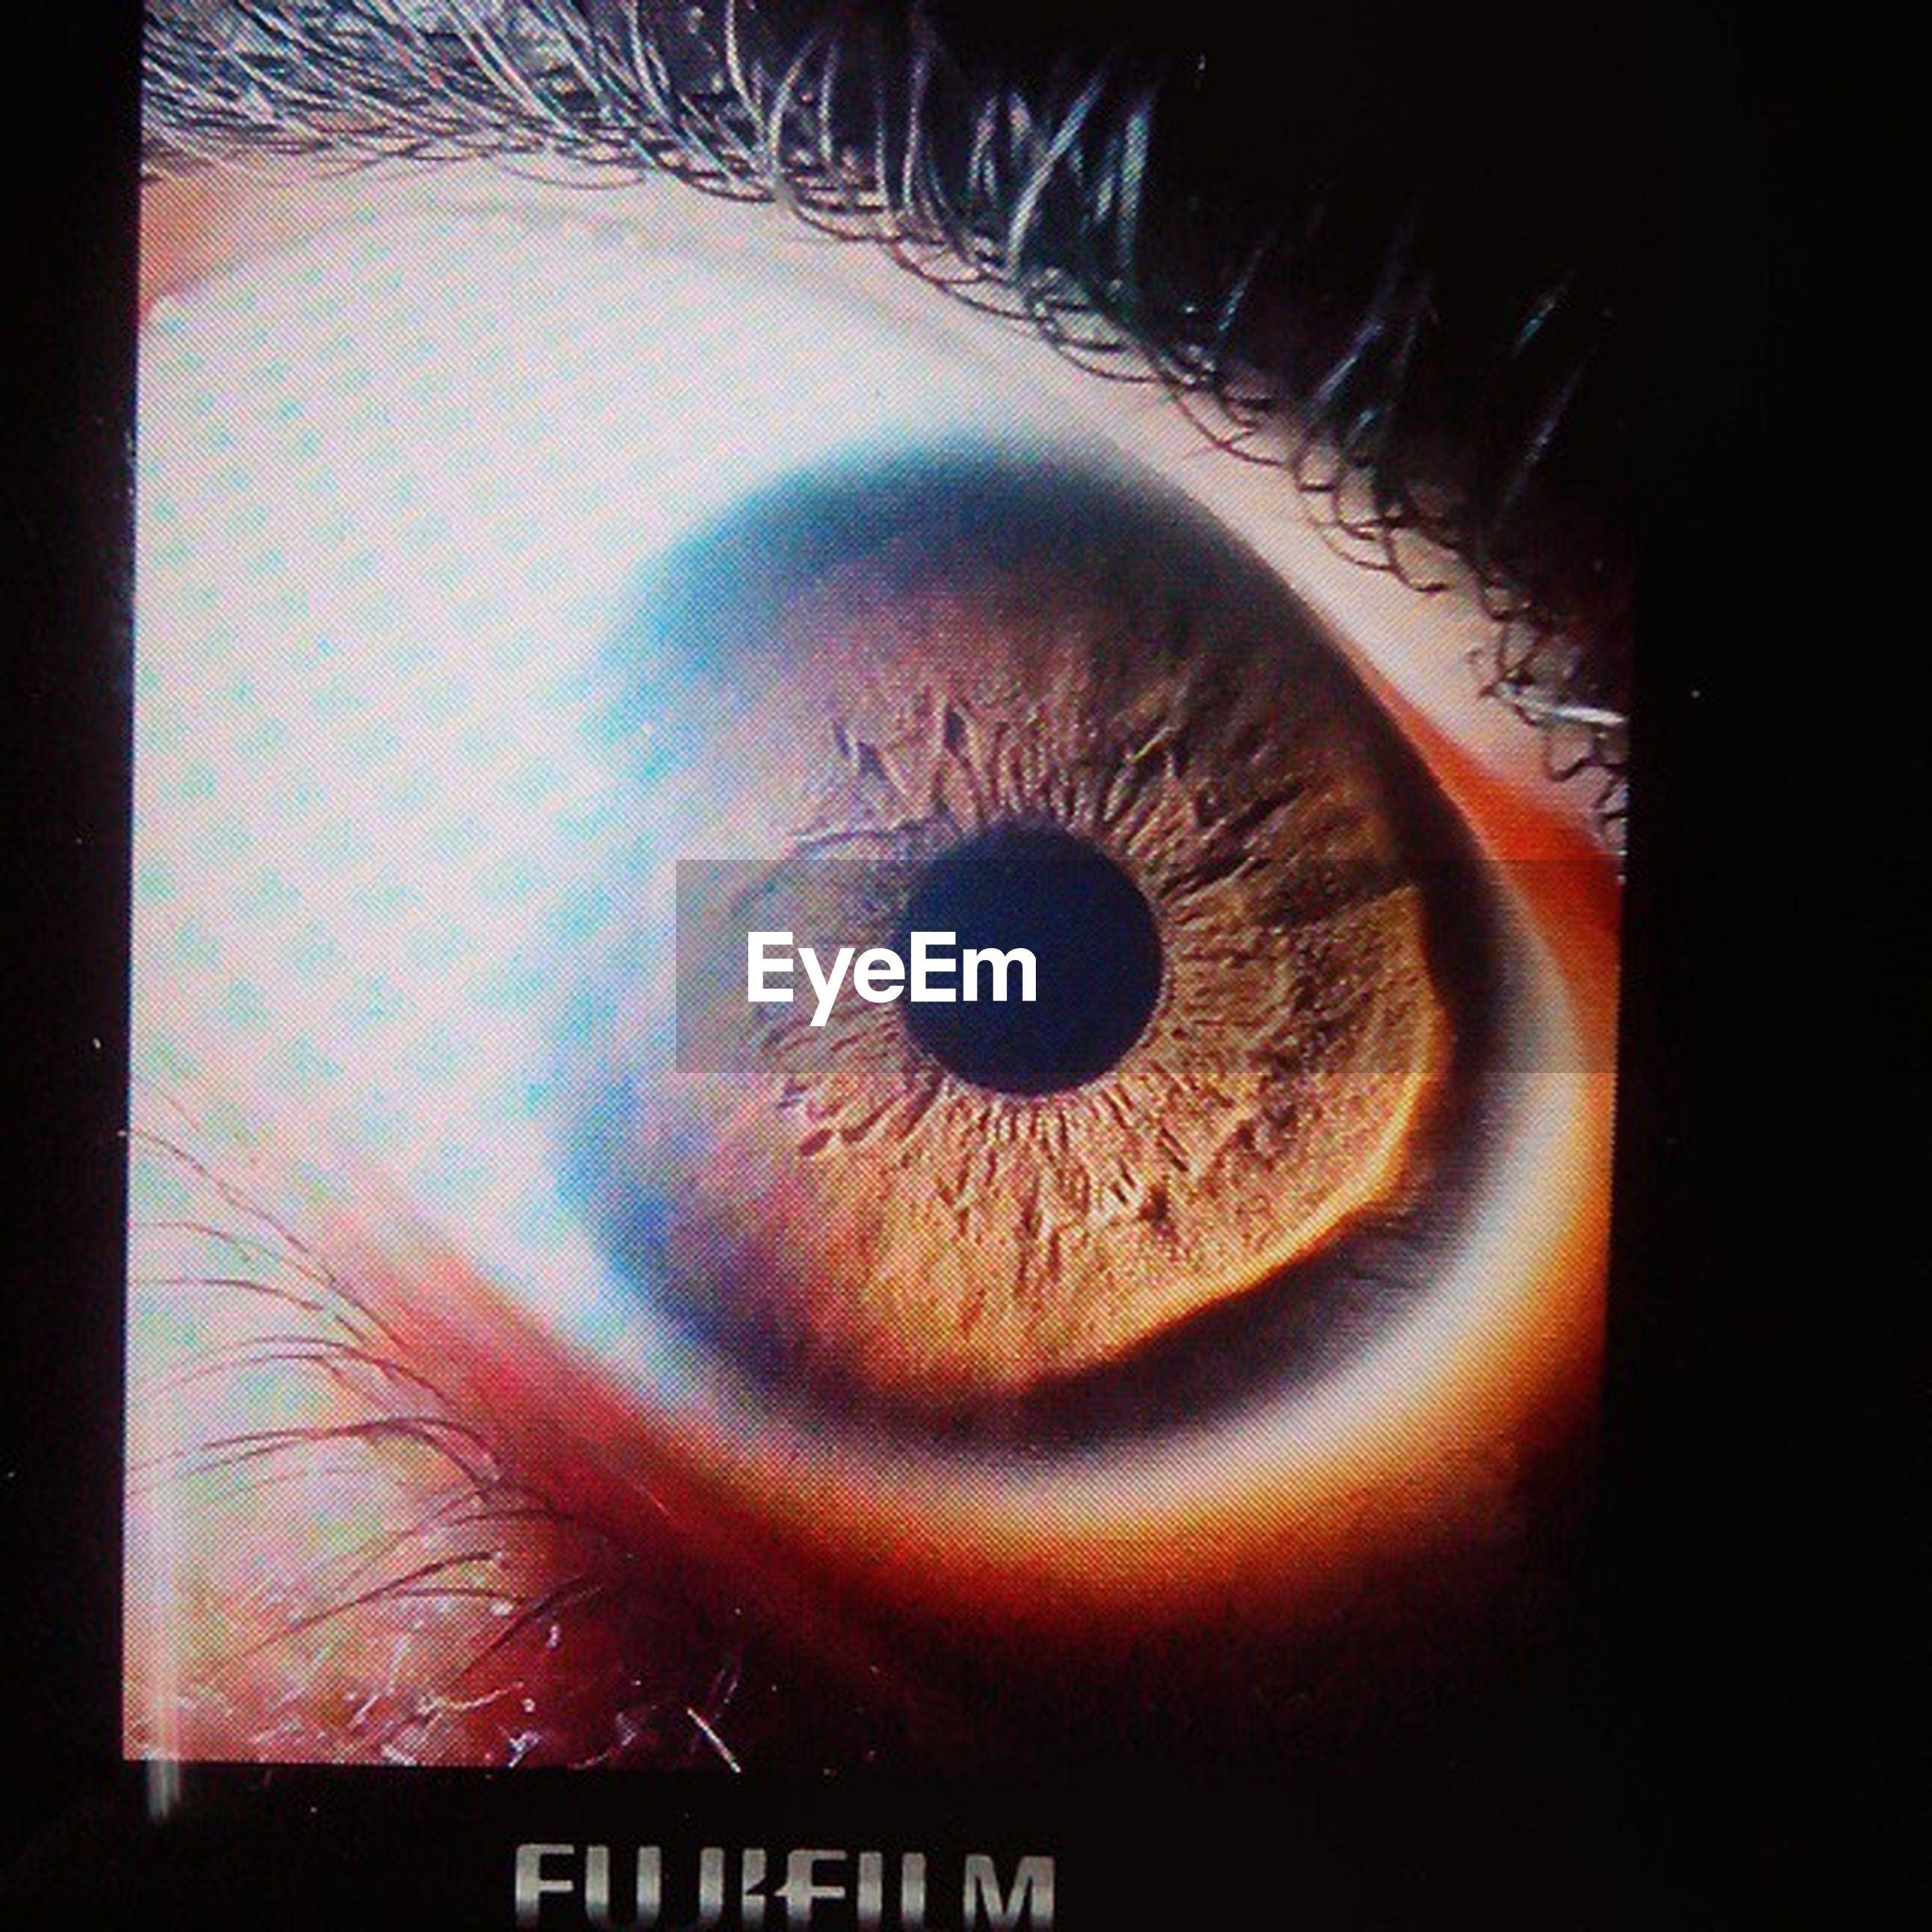 indoors, close-up, human eye, human face, part of, circle, auto post production filter, eyesight, eyelash, text, extreme close-up, headshot, illuminated, detail, full frame, digital composite, communication